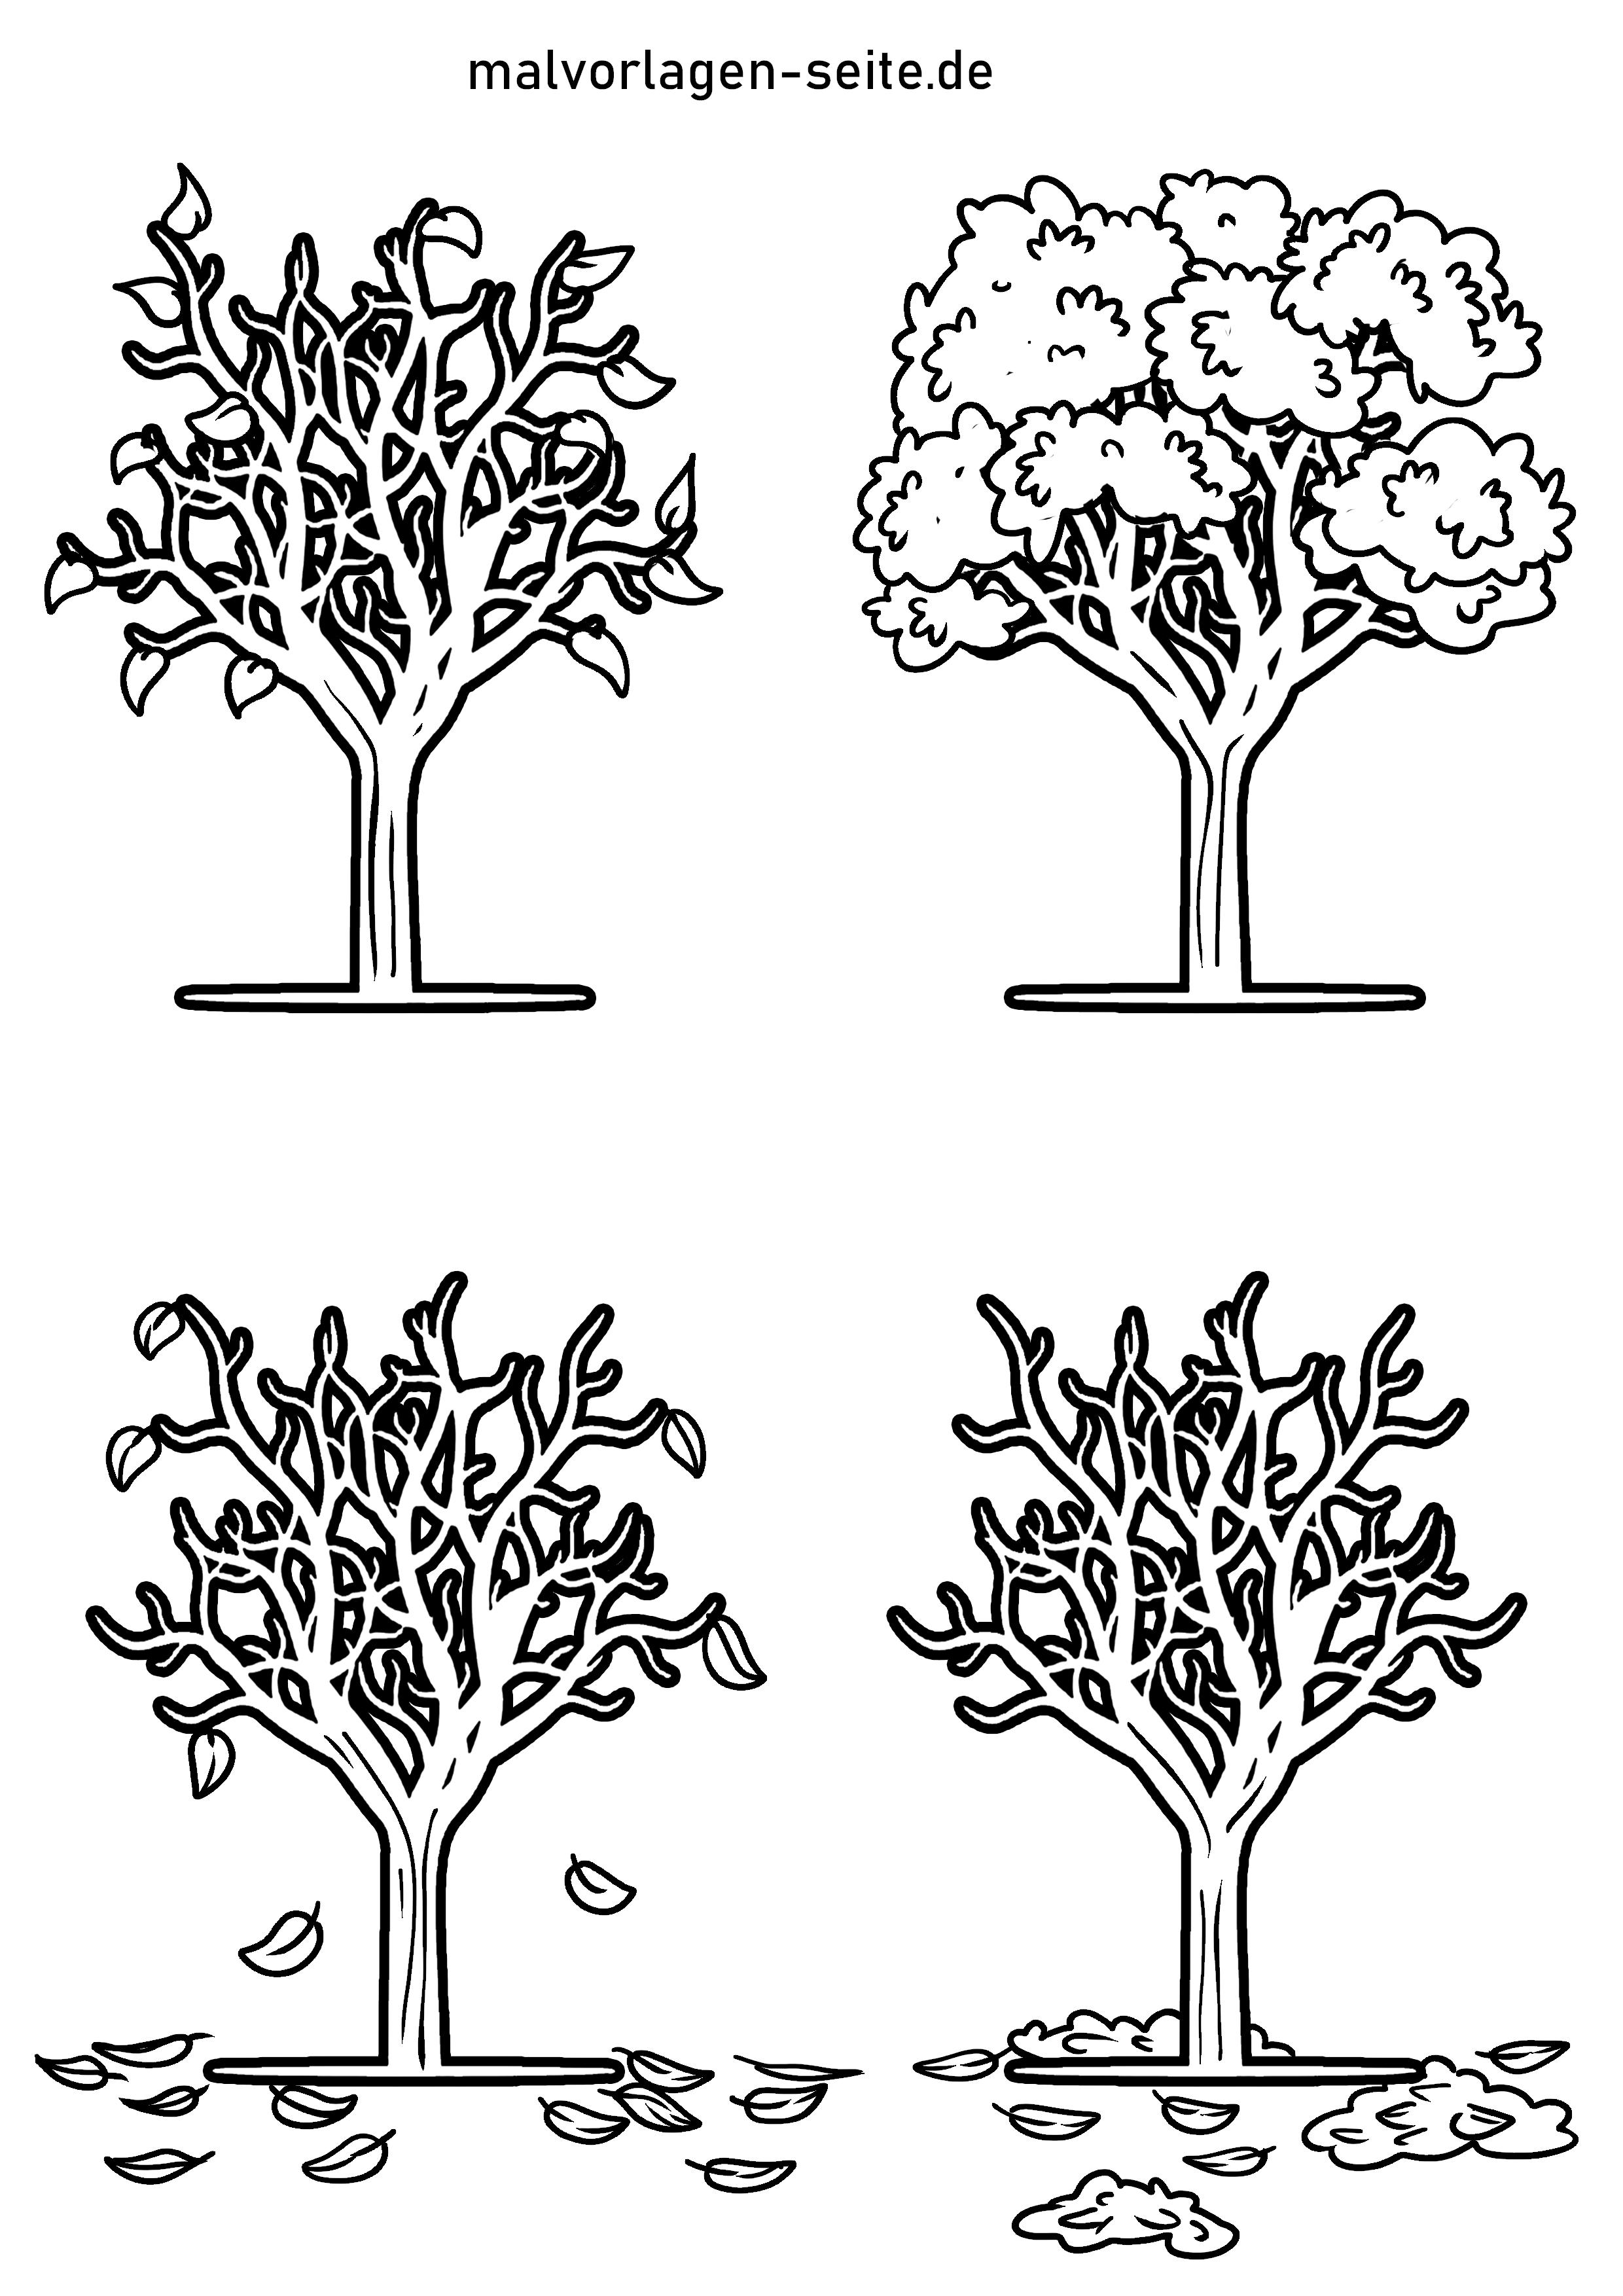 Malvorlage Baum 9 Jahreszeiten  Pflanzen - Kostenlose Ausmalbilder